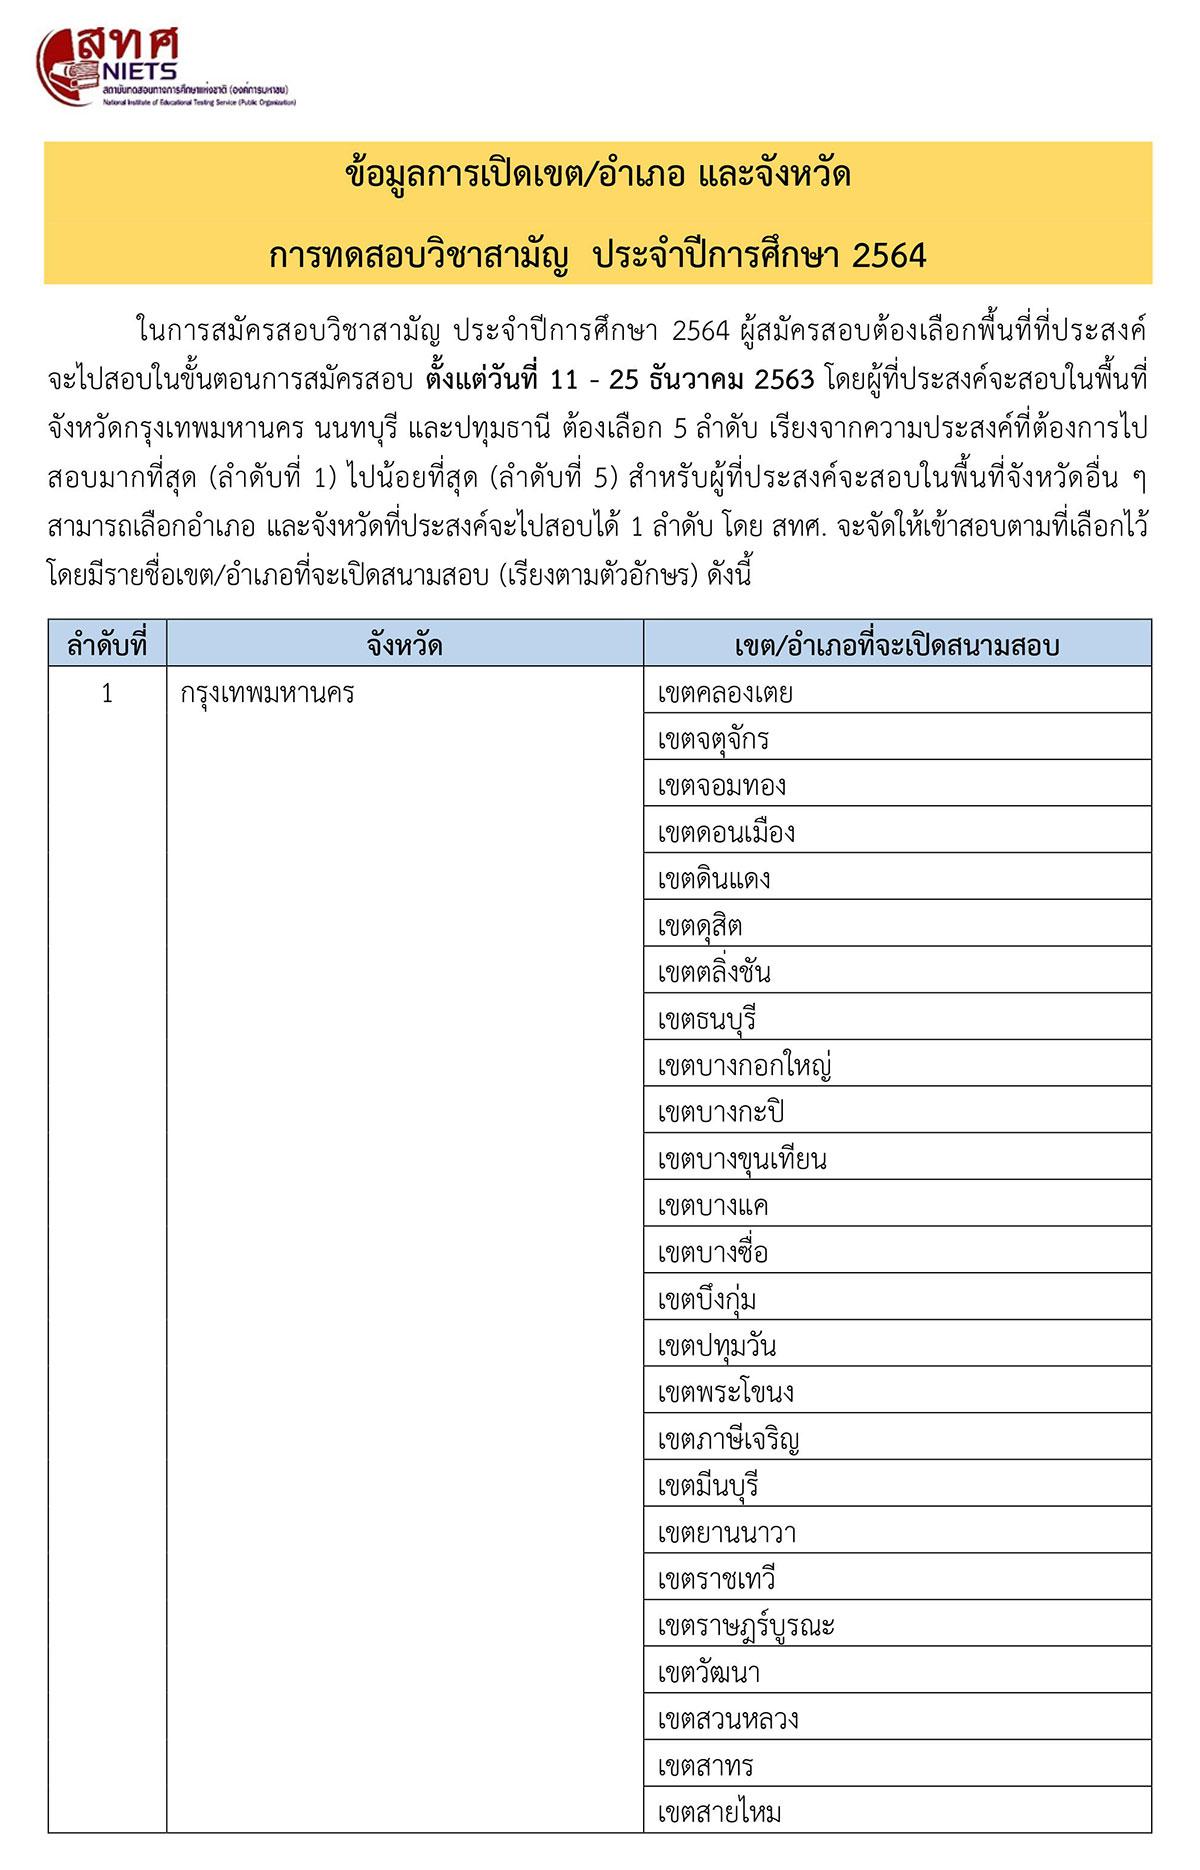 รายชื่อ สนามสอบ วิชาสามัญ ประจำปีการศึกษา 2564